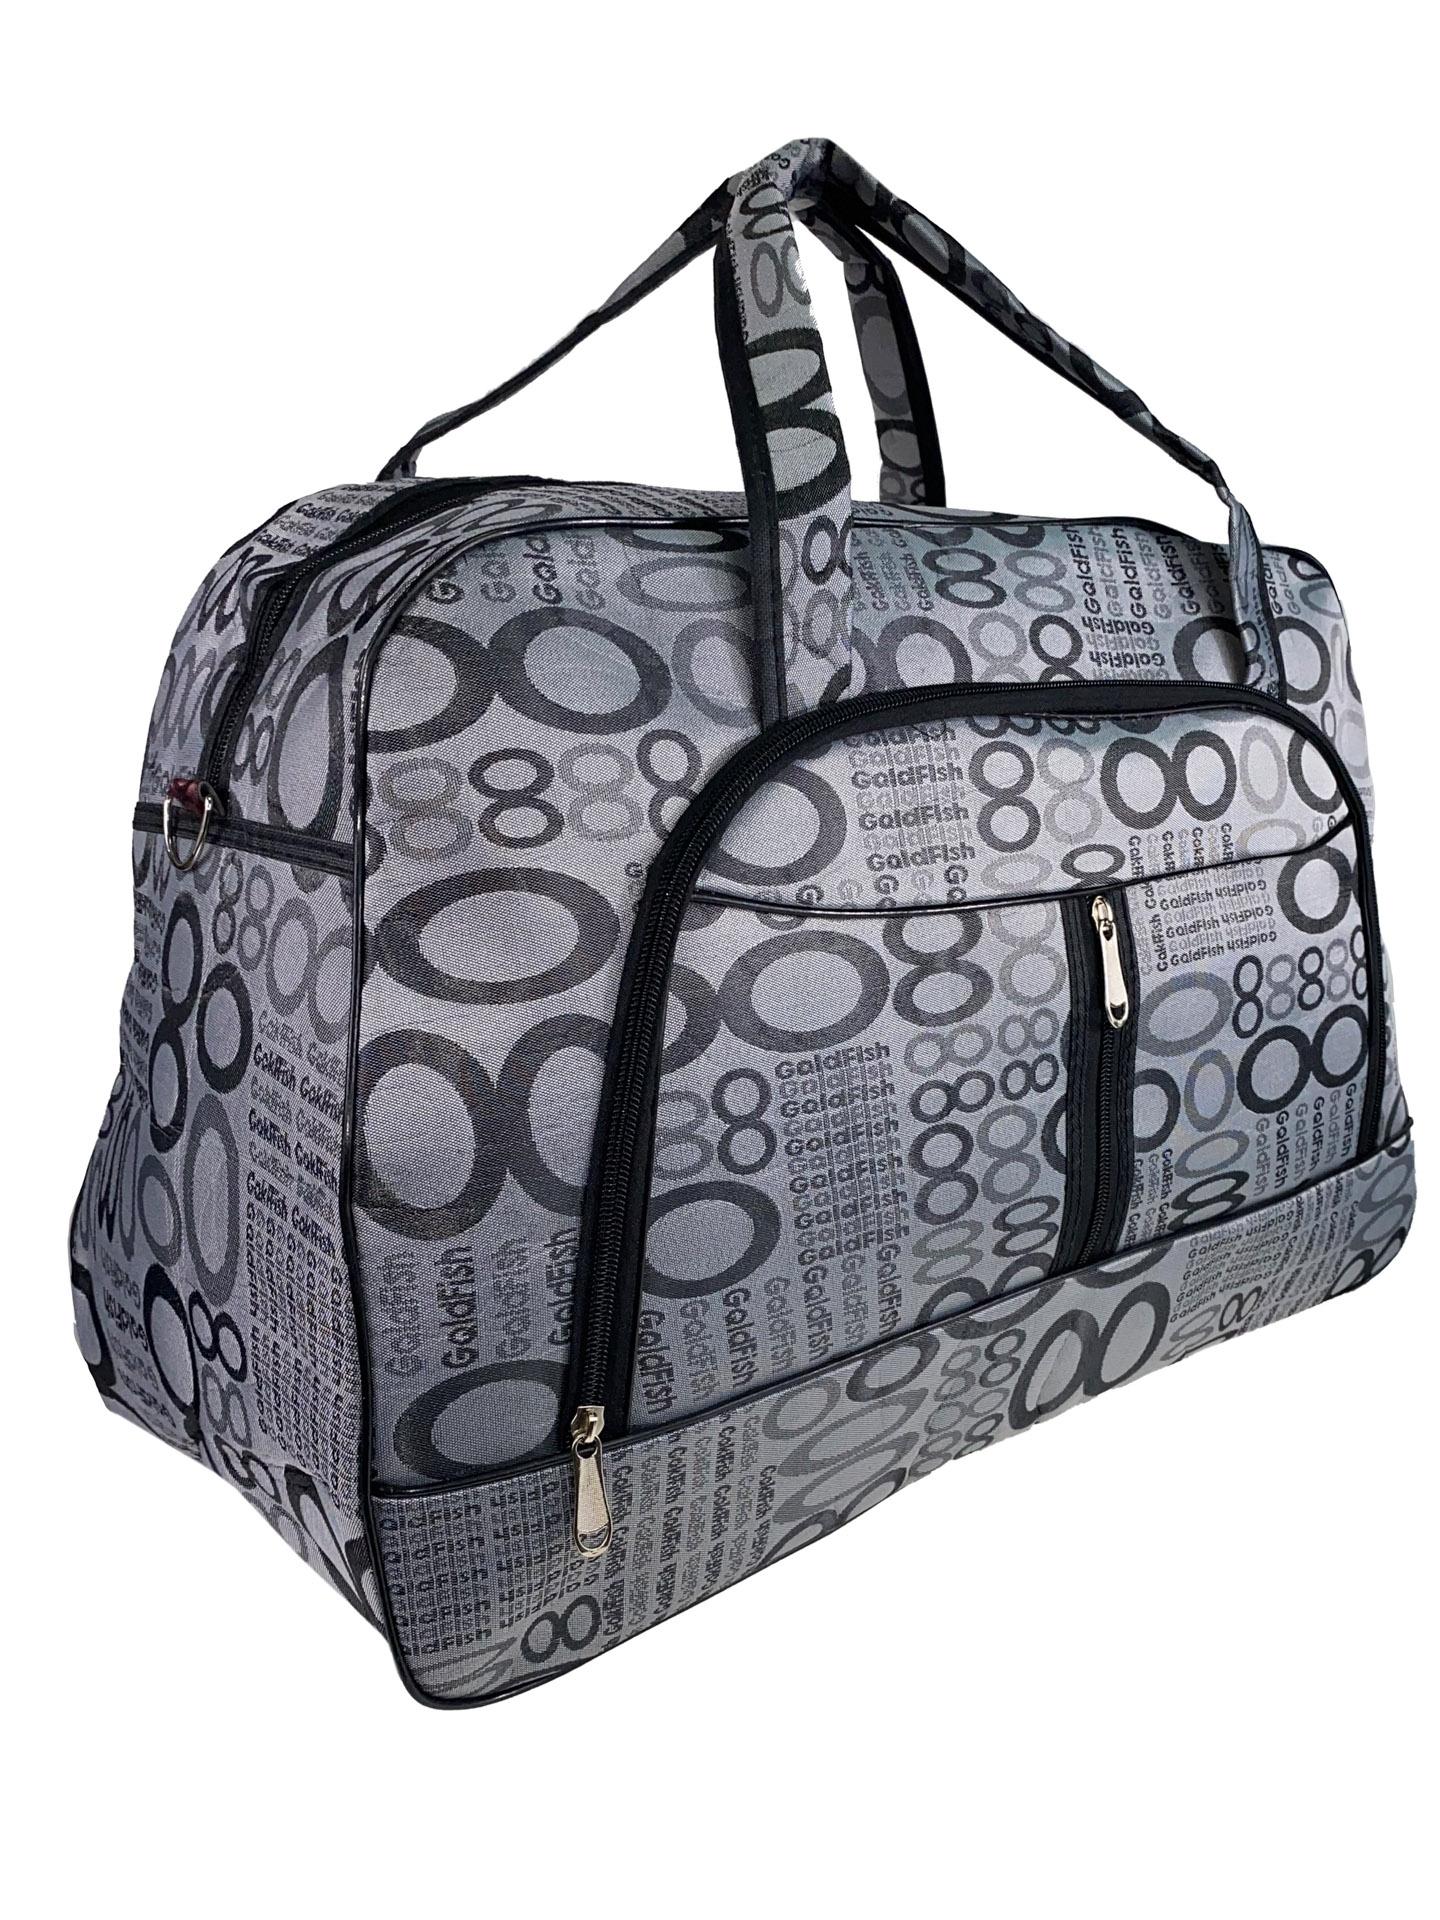 Женская дорожная сумка из текстиля с принтом, цвет серый60870DR1220/6